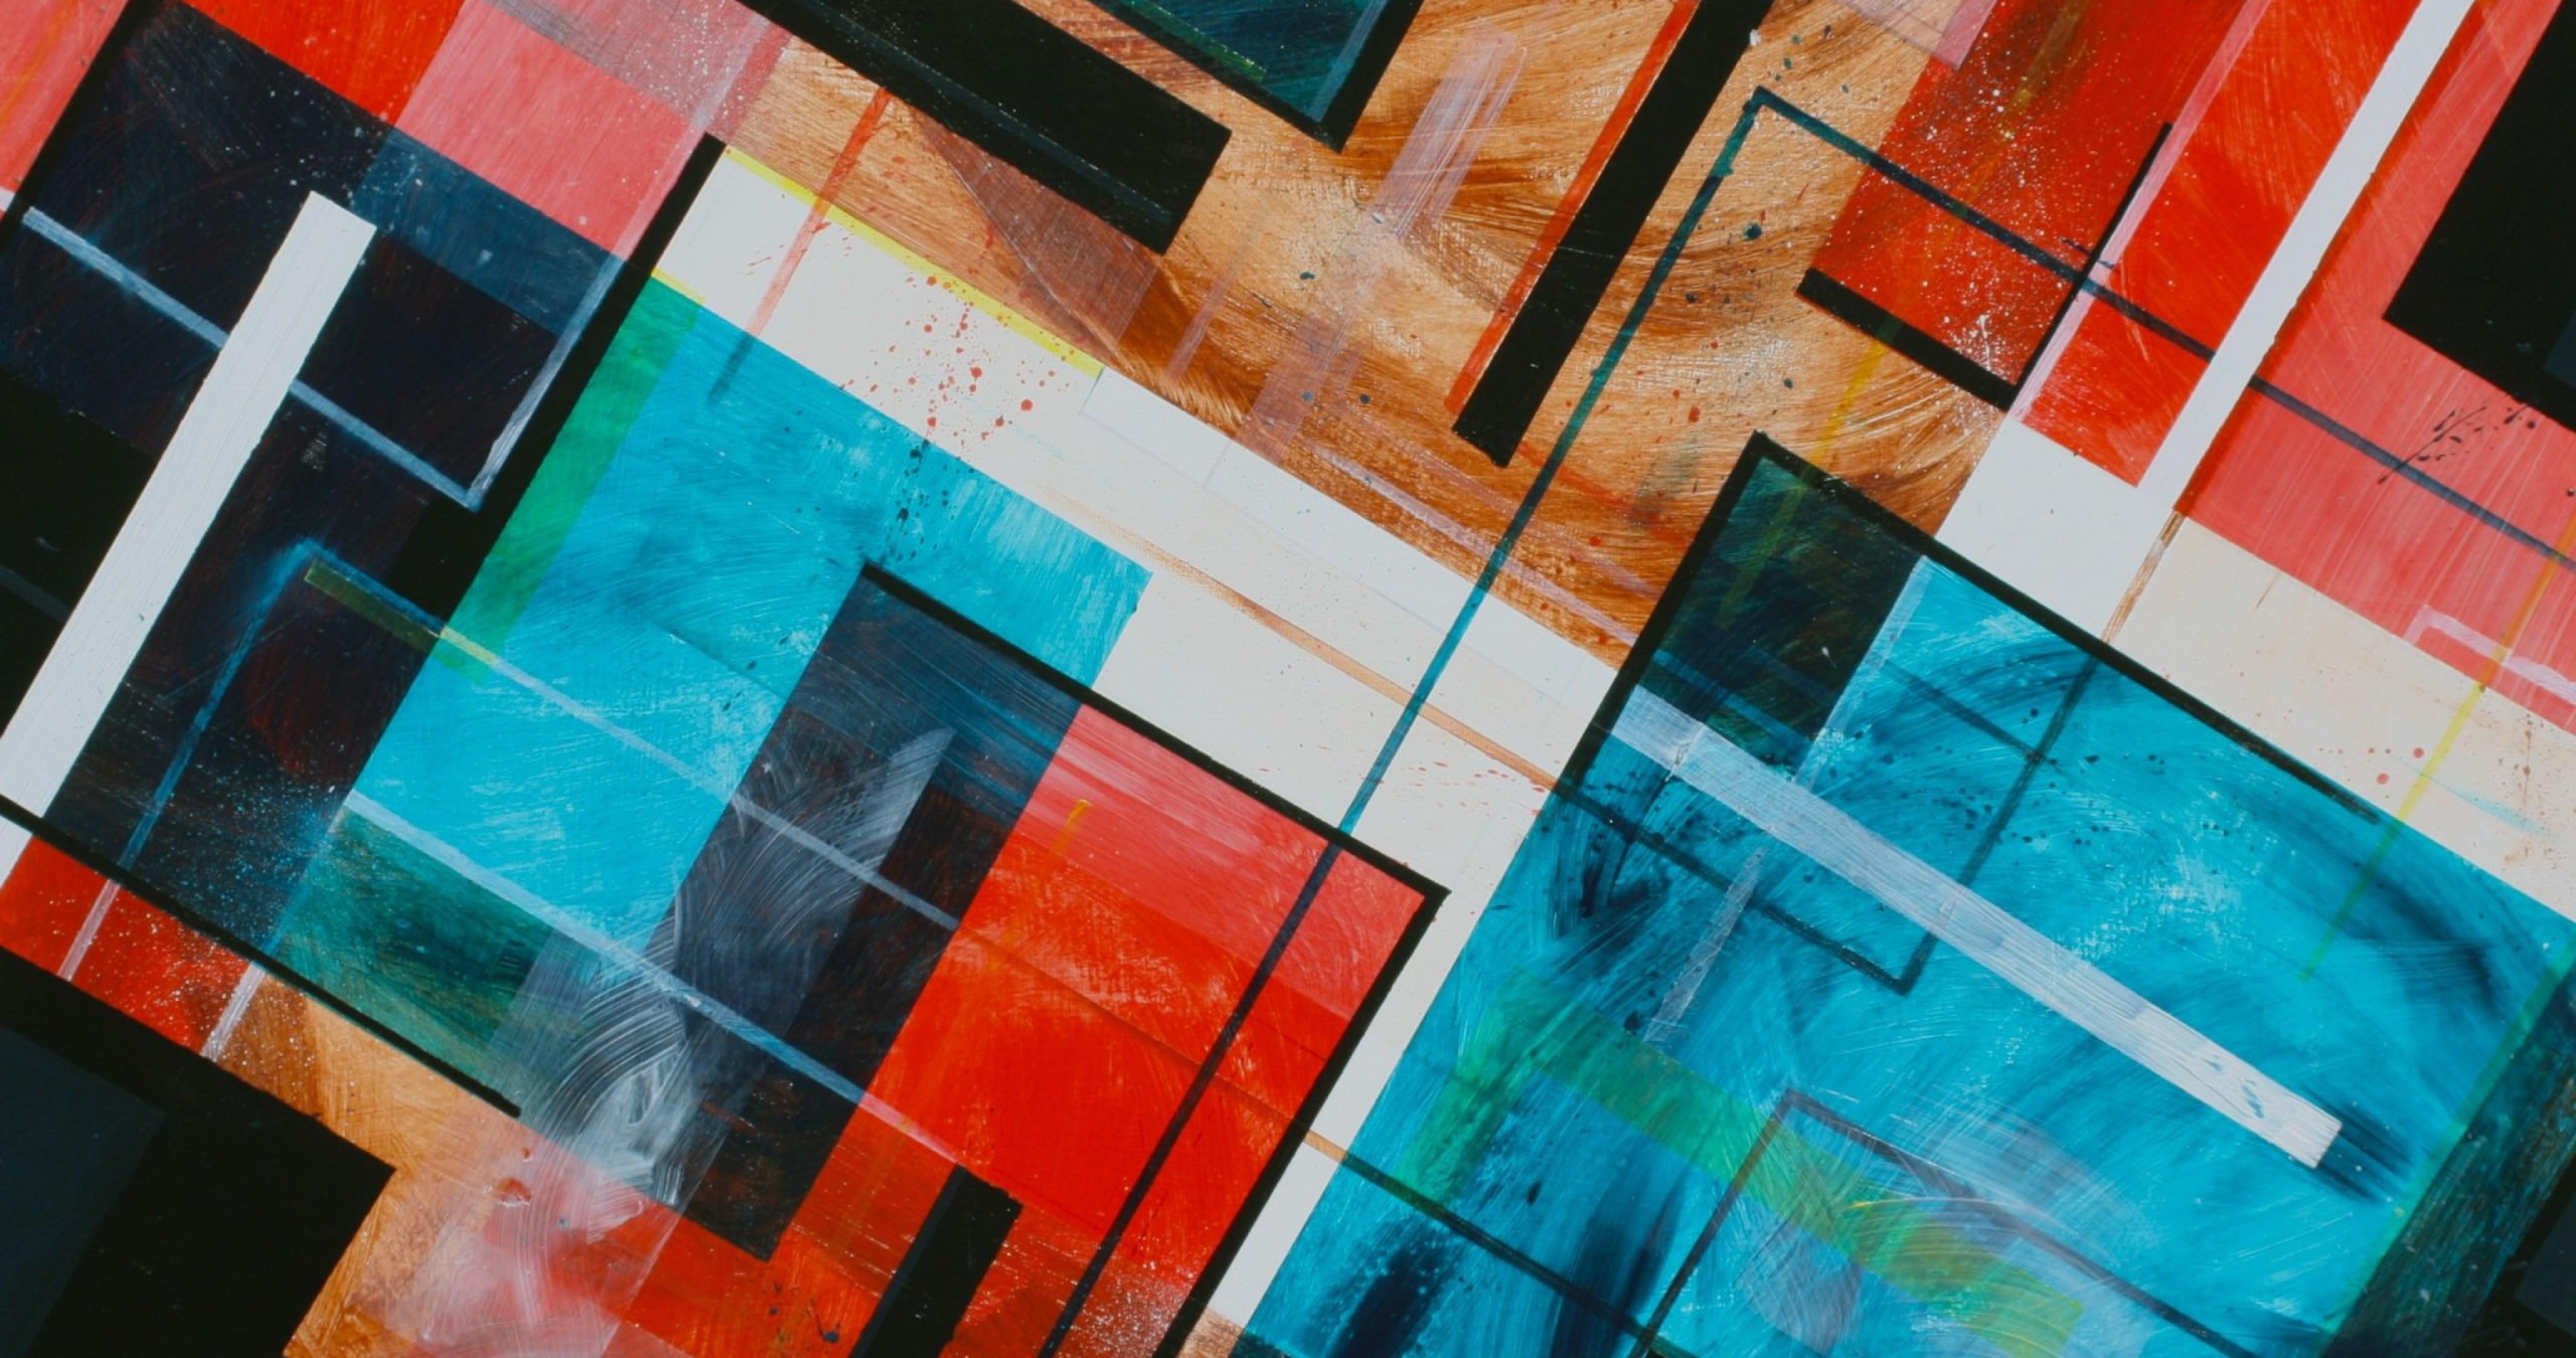 Abstract Wallpapers 4k Abstract - Abstract Wallpapers Hd 4k - HD Wallpaper